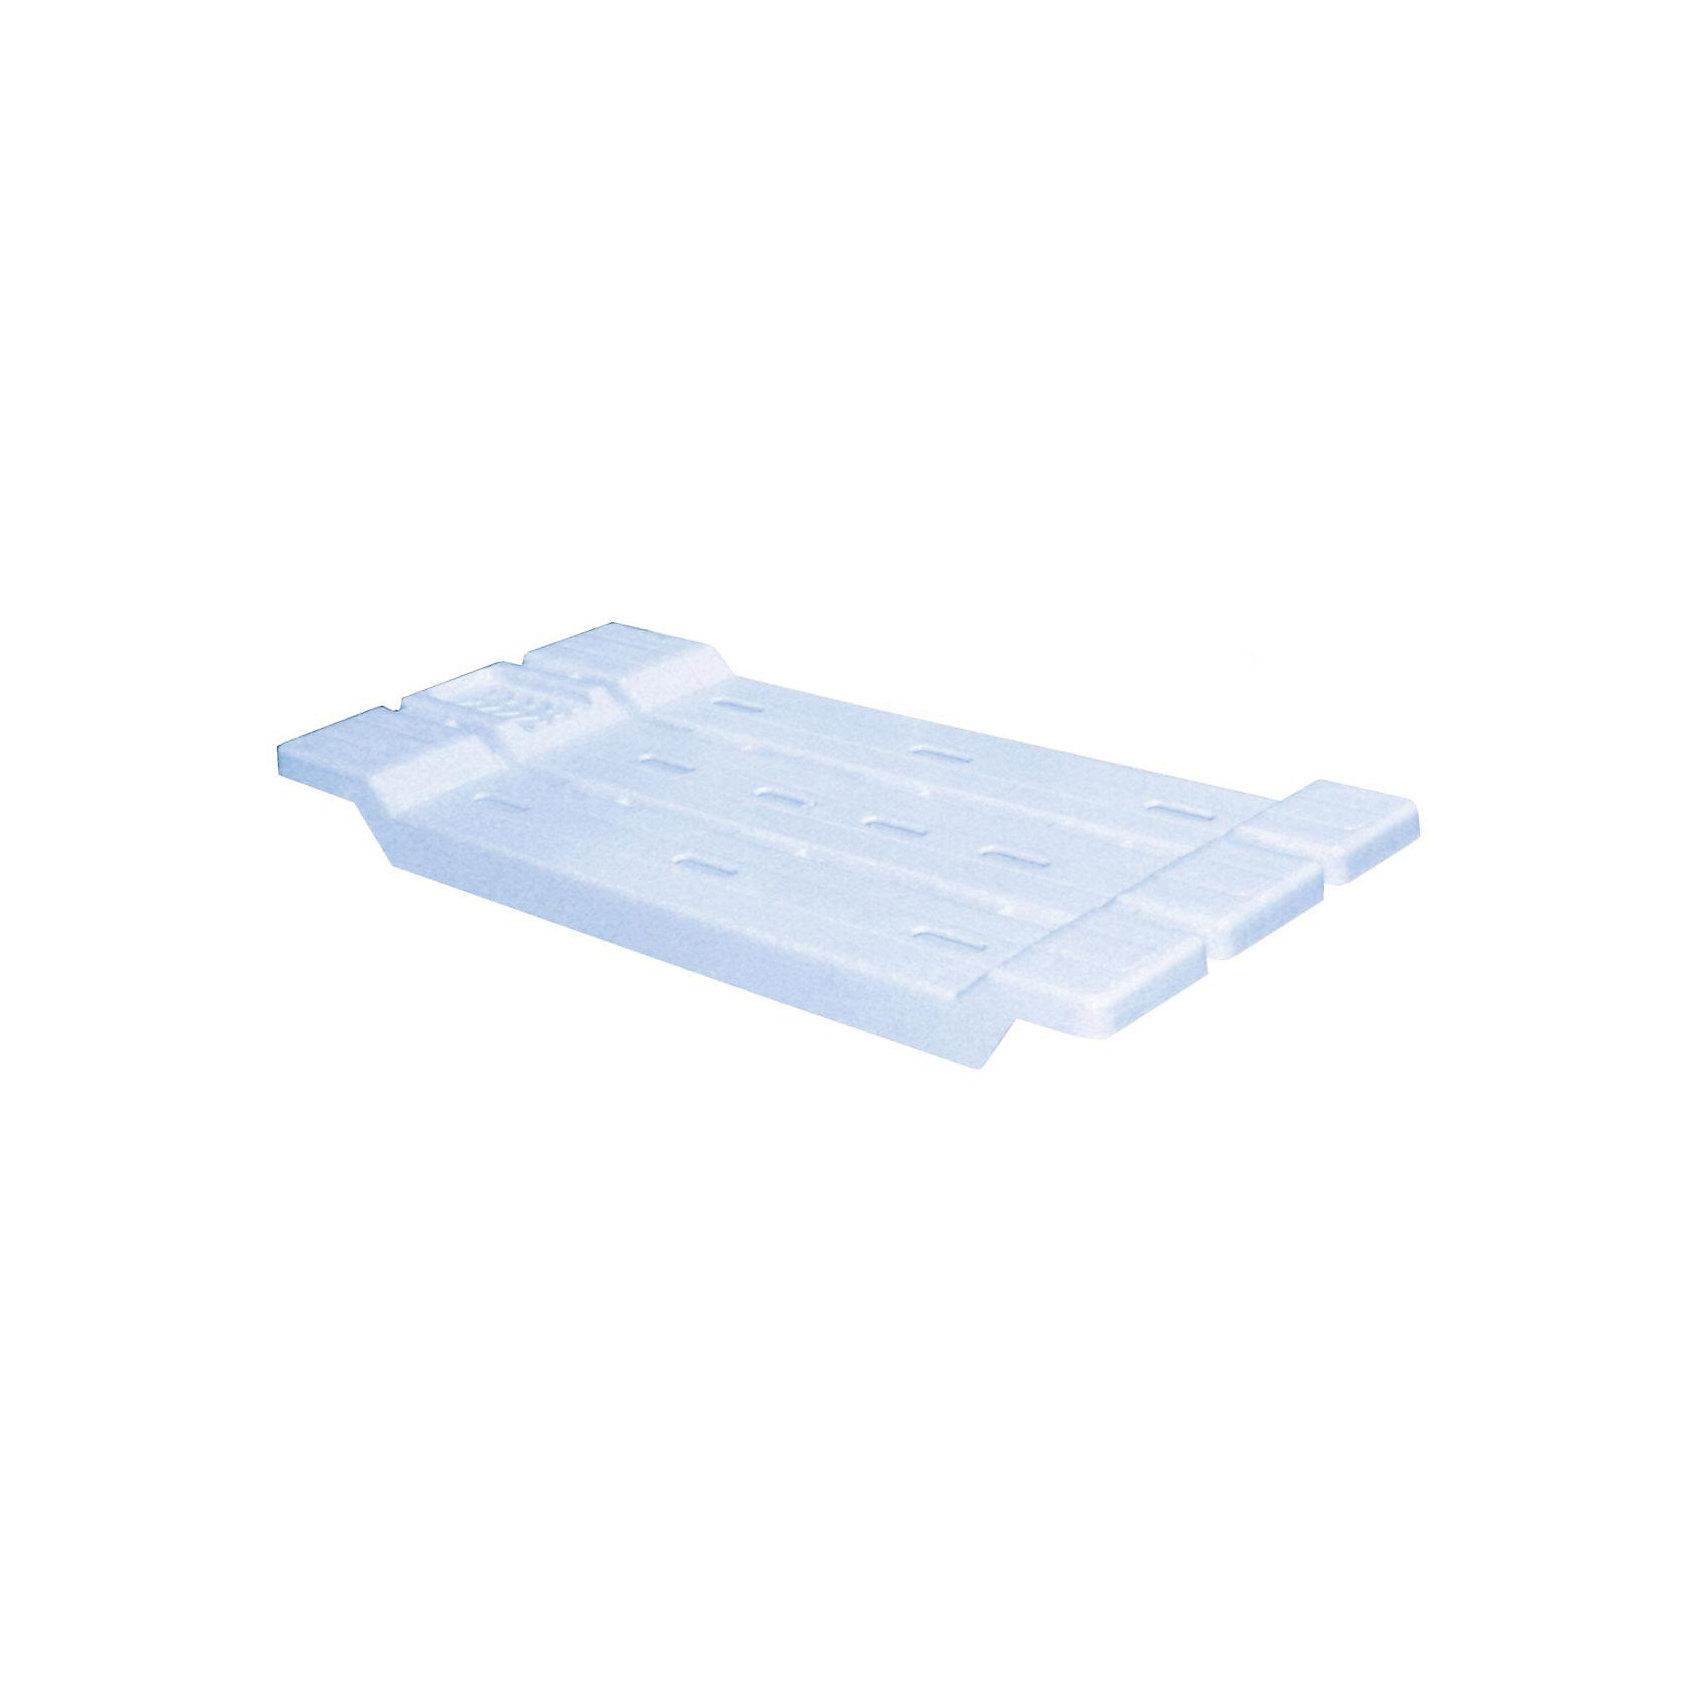 Полка для ванной (сиденье), Alternativa, голубой